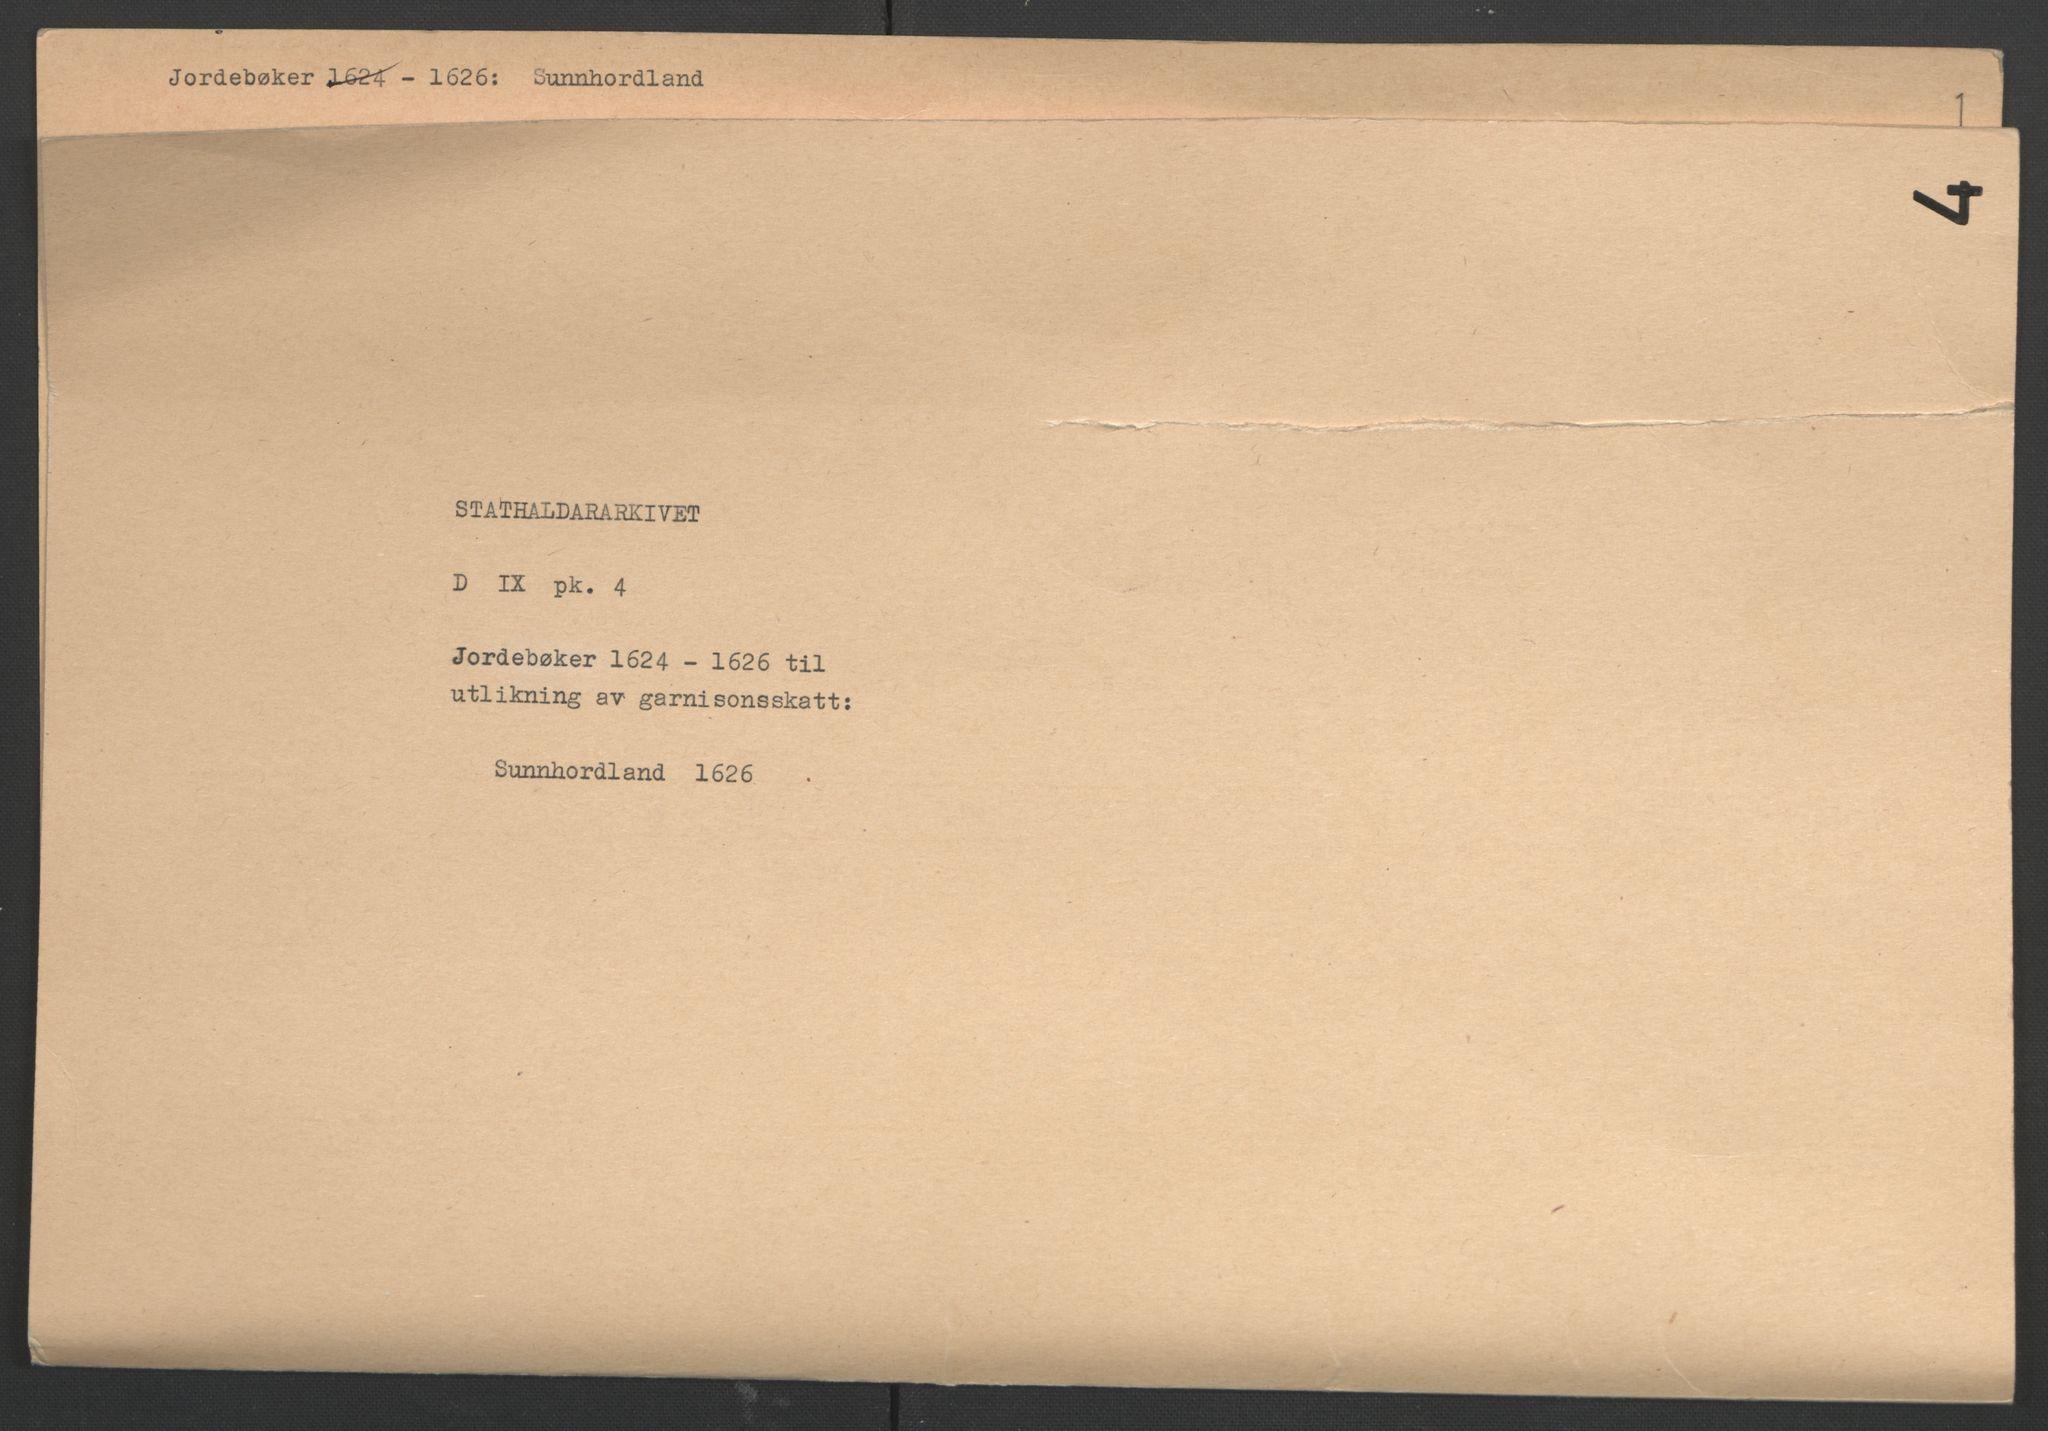 RA, Stattholderembetet 1572-1771, Ek/L0004: Jordebøker til utlikning av garnisonsskatt 1624-1626:, 1626, s. 2